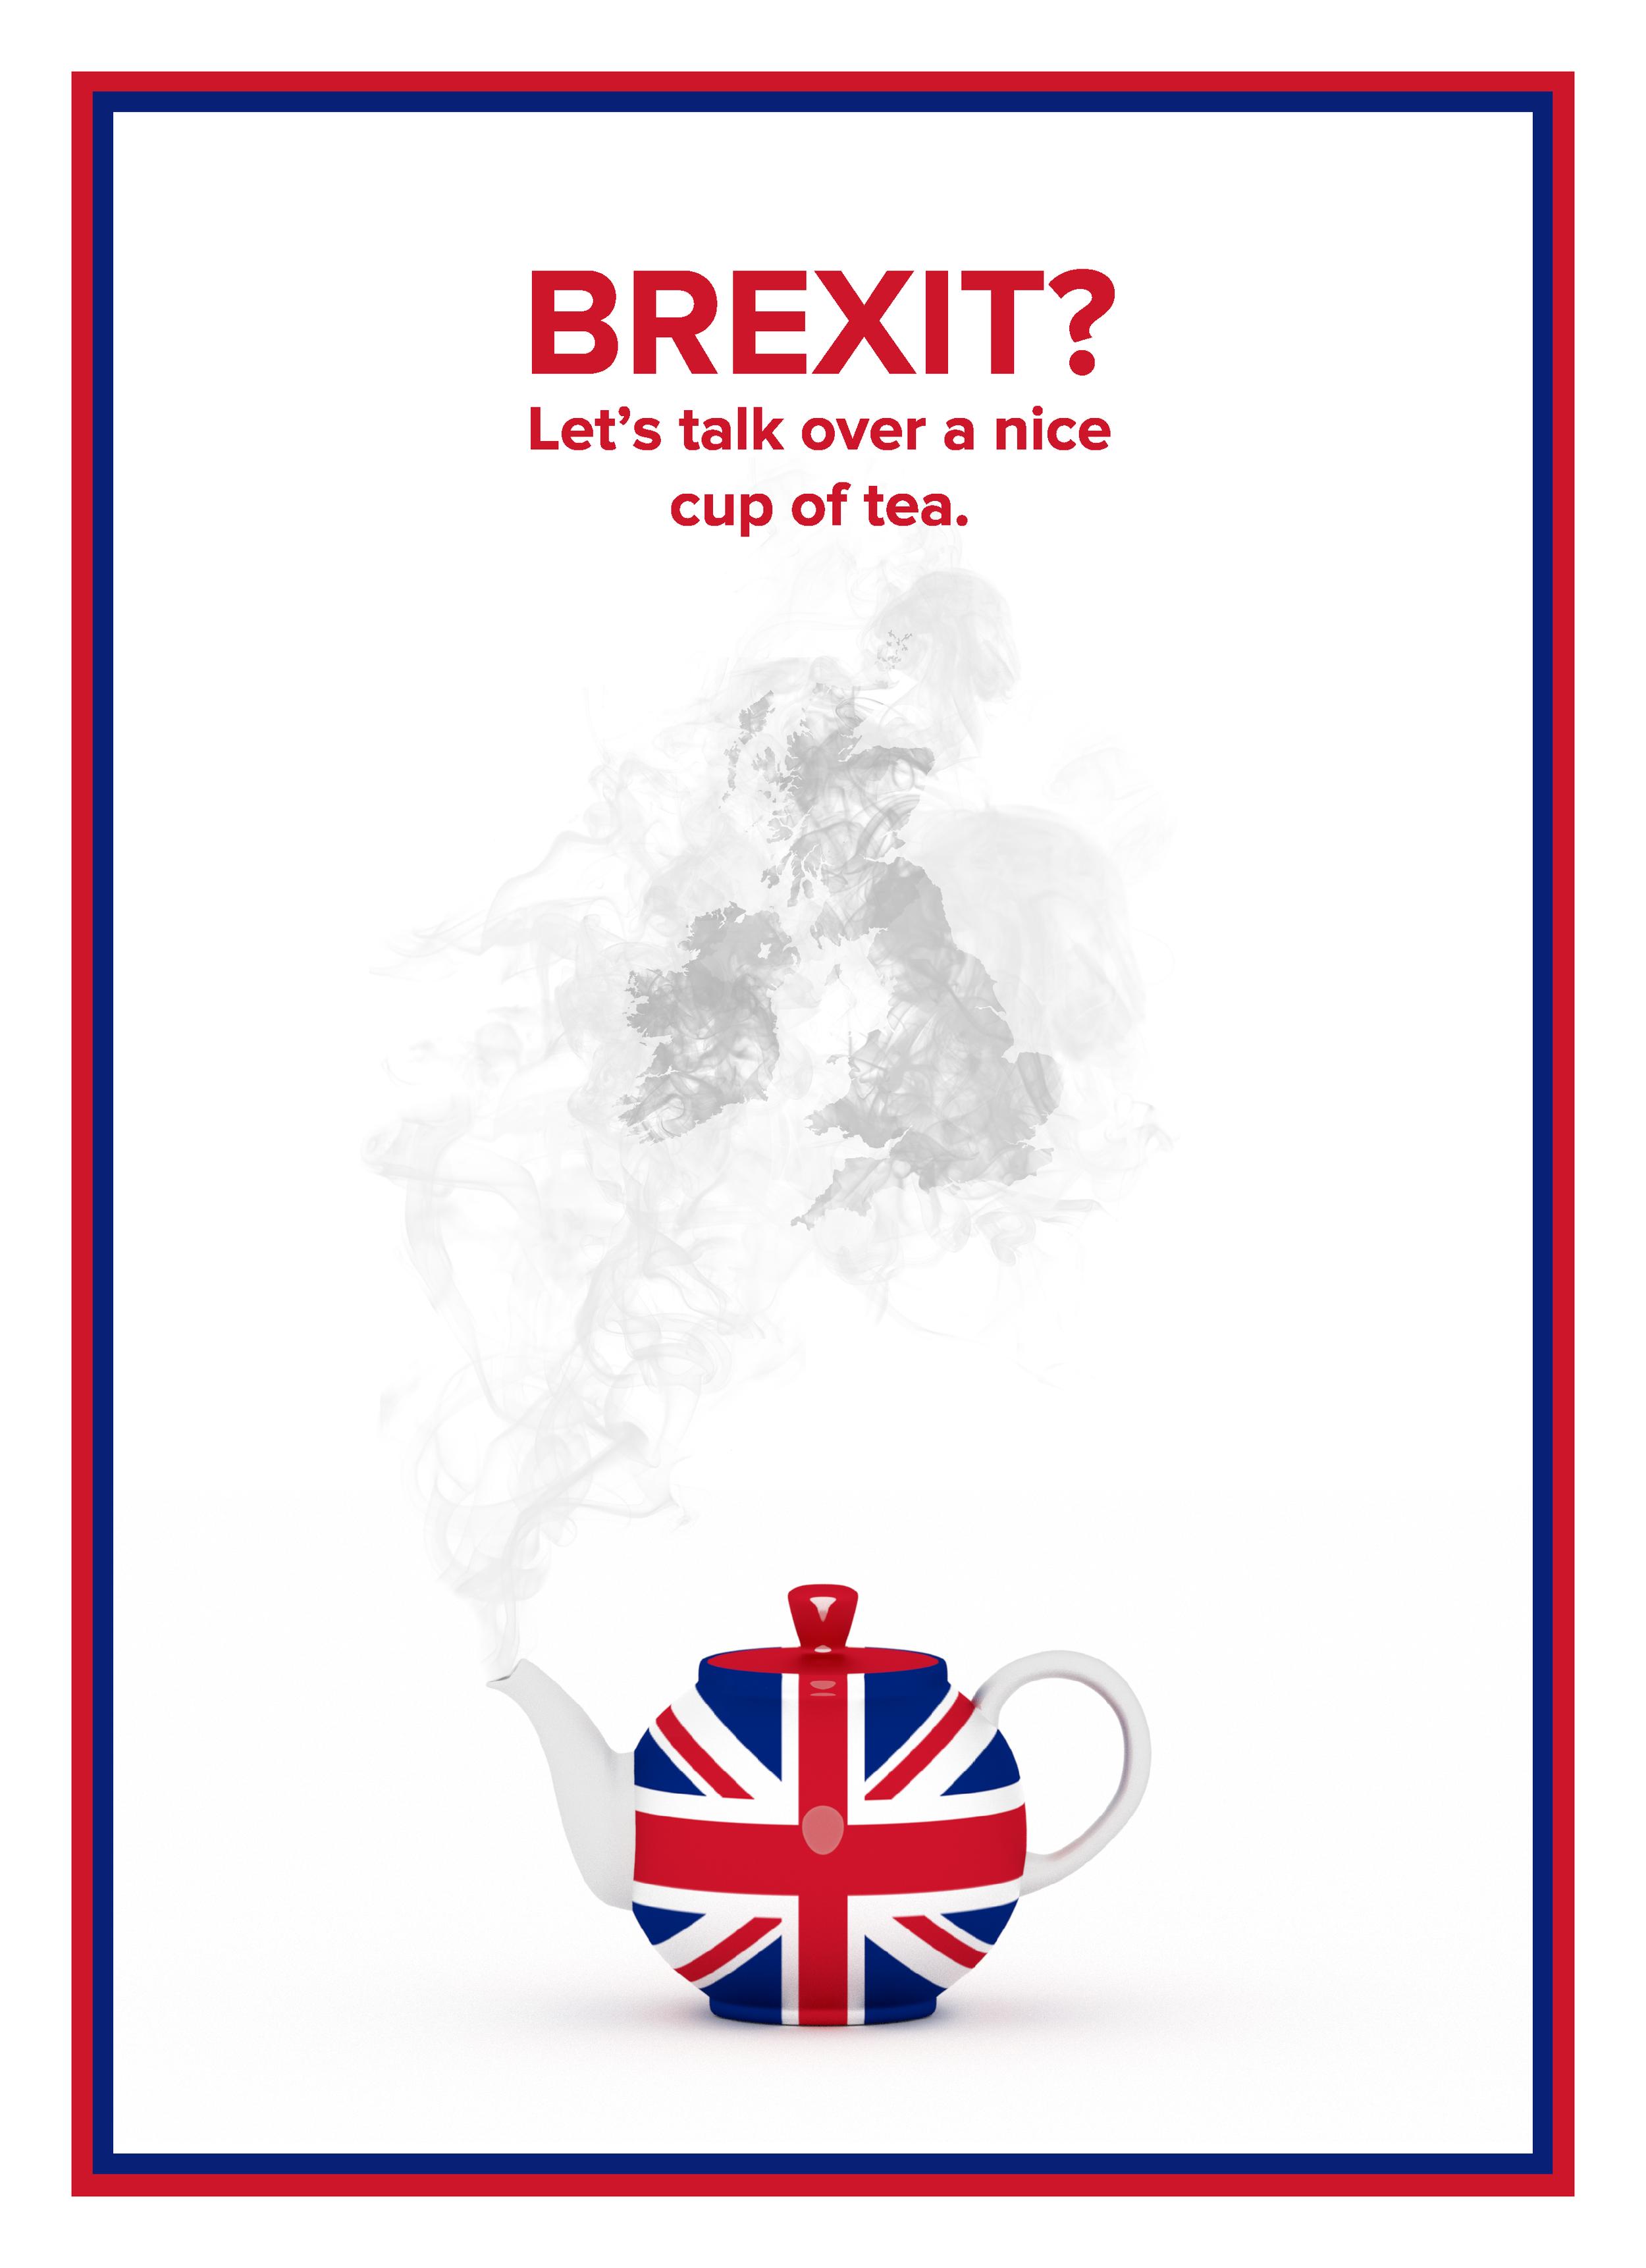 The proper British way.